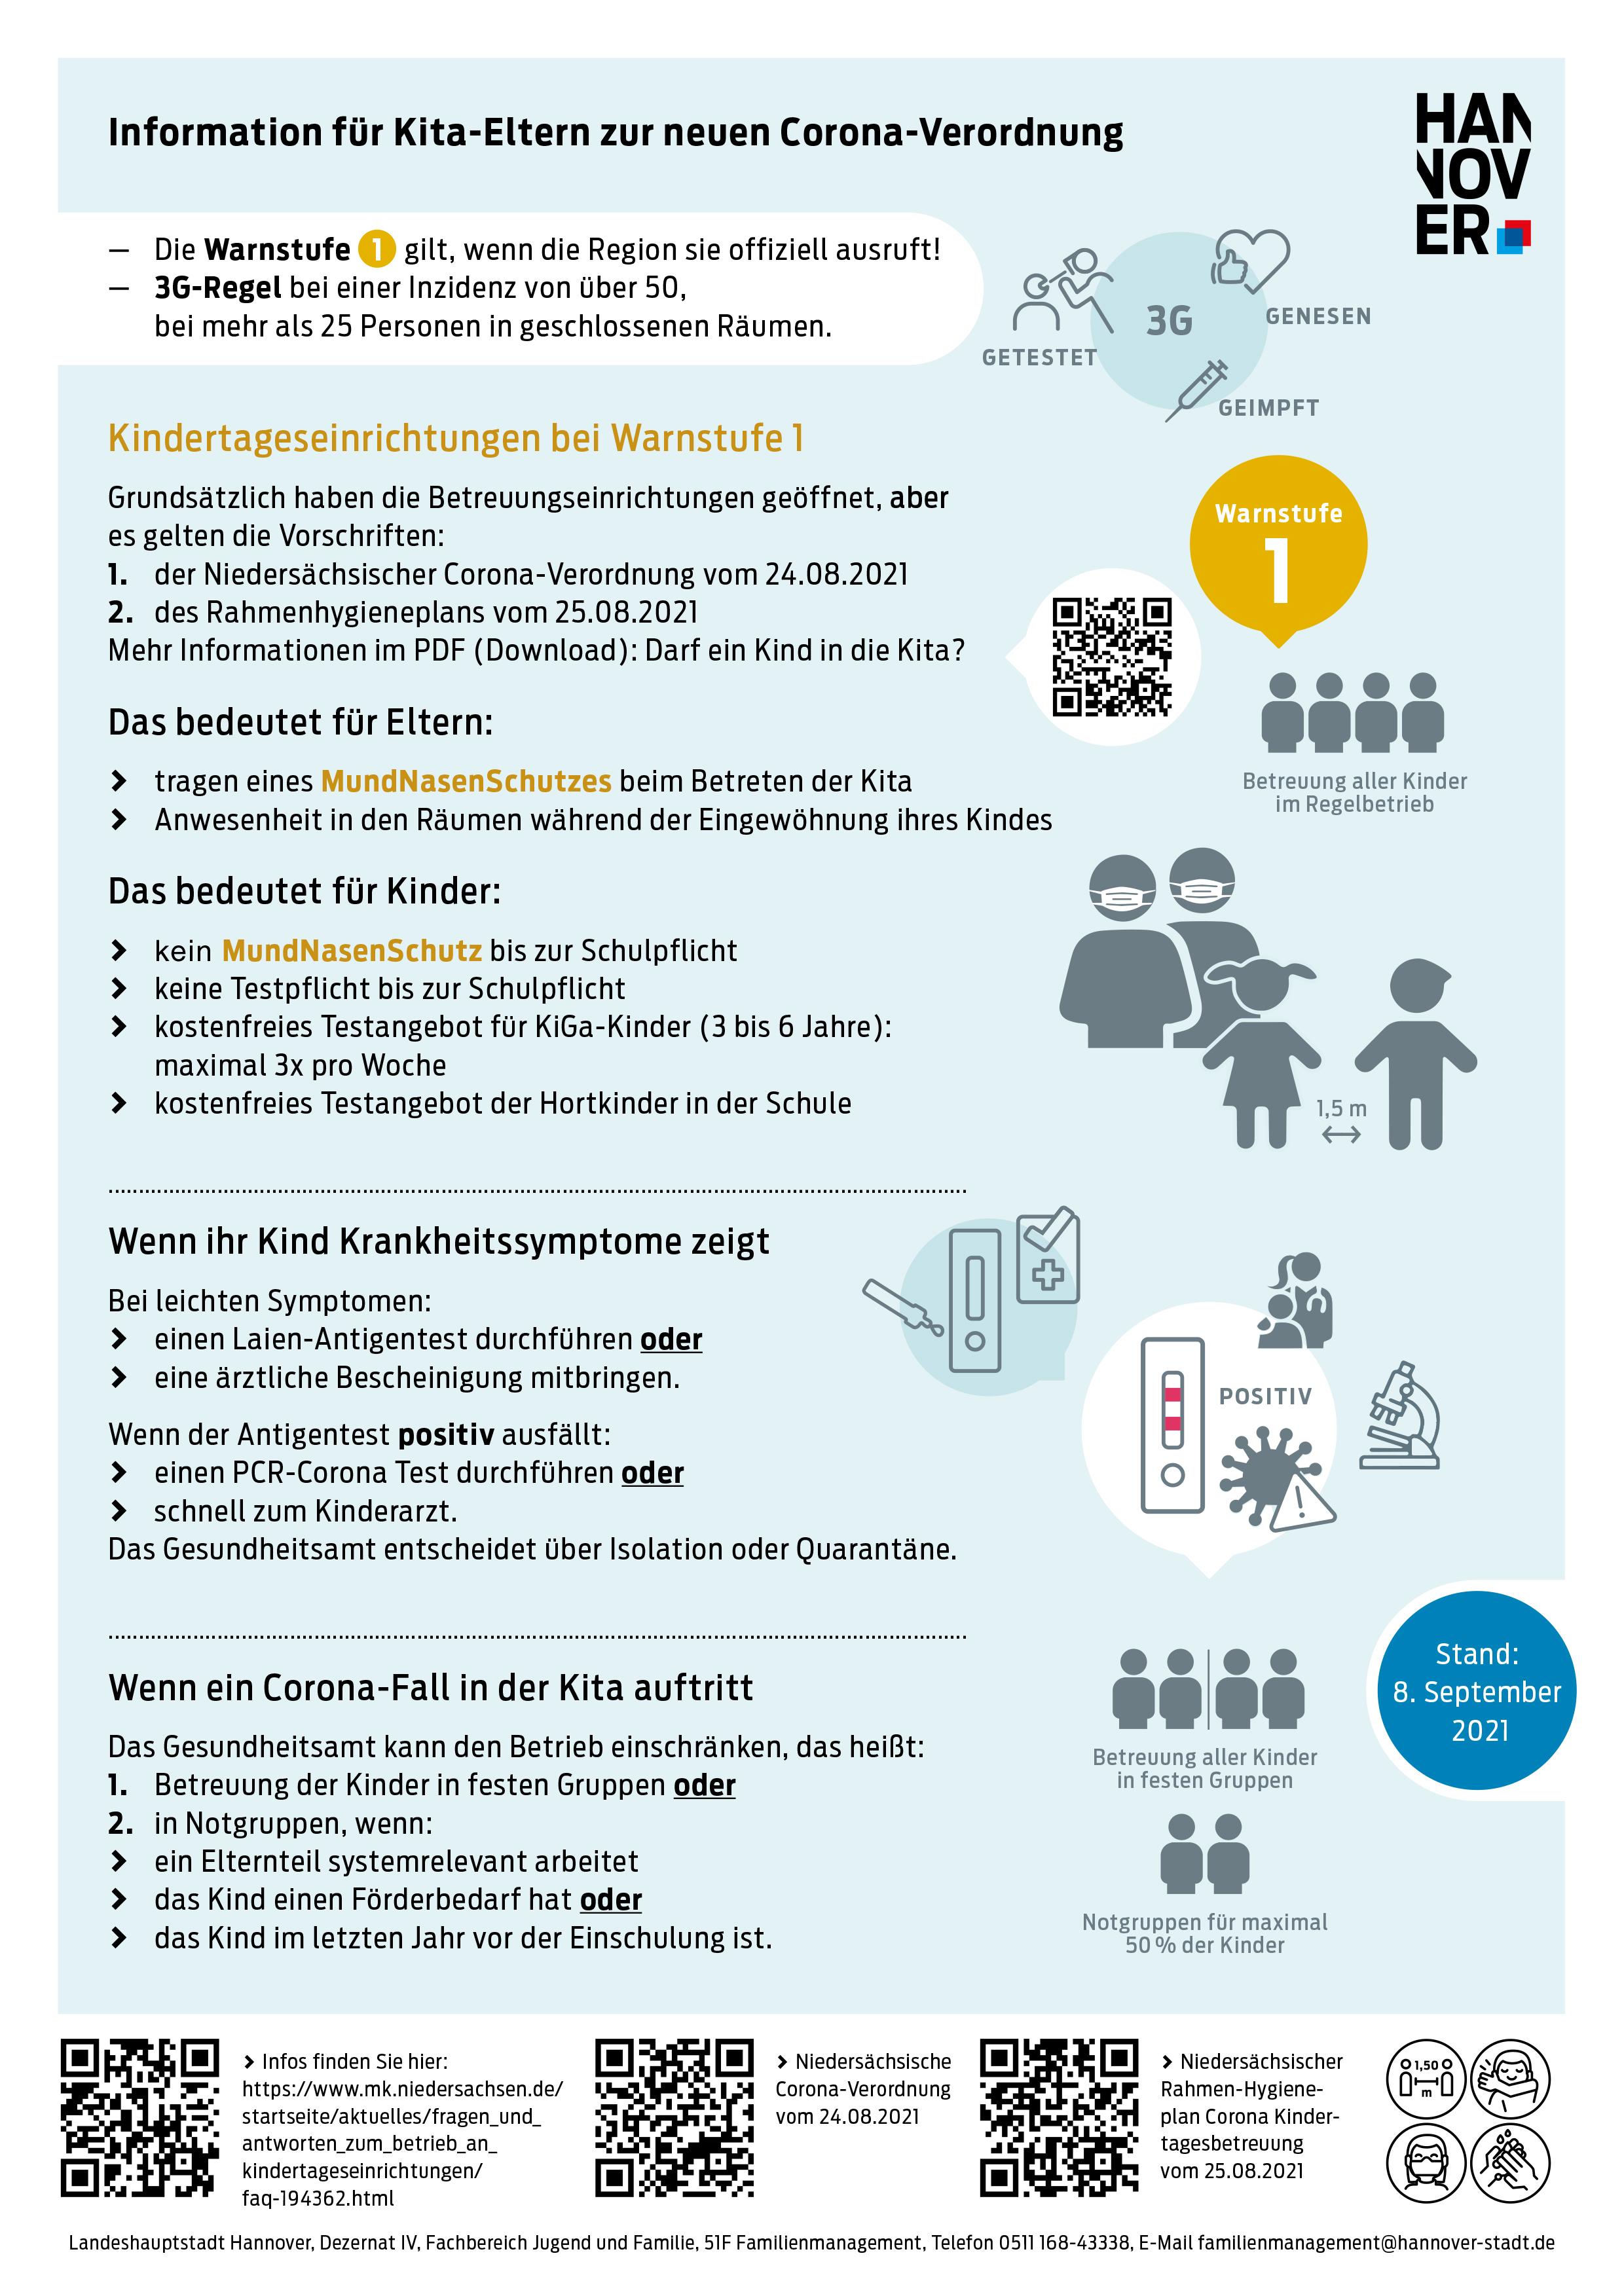 Infografik mit Text zur neuen Corona-Verordnung